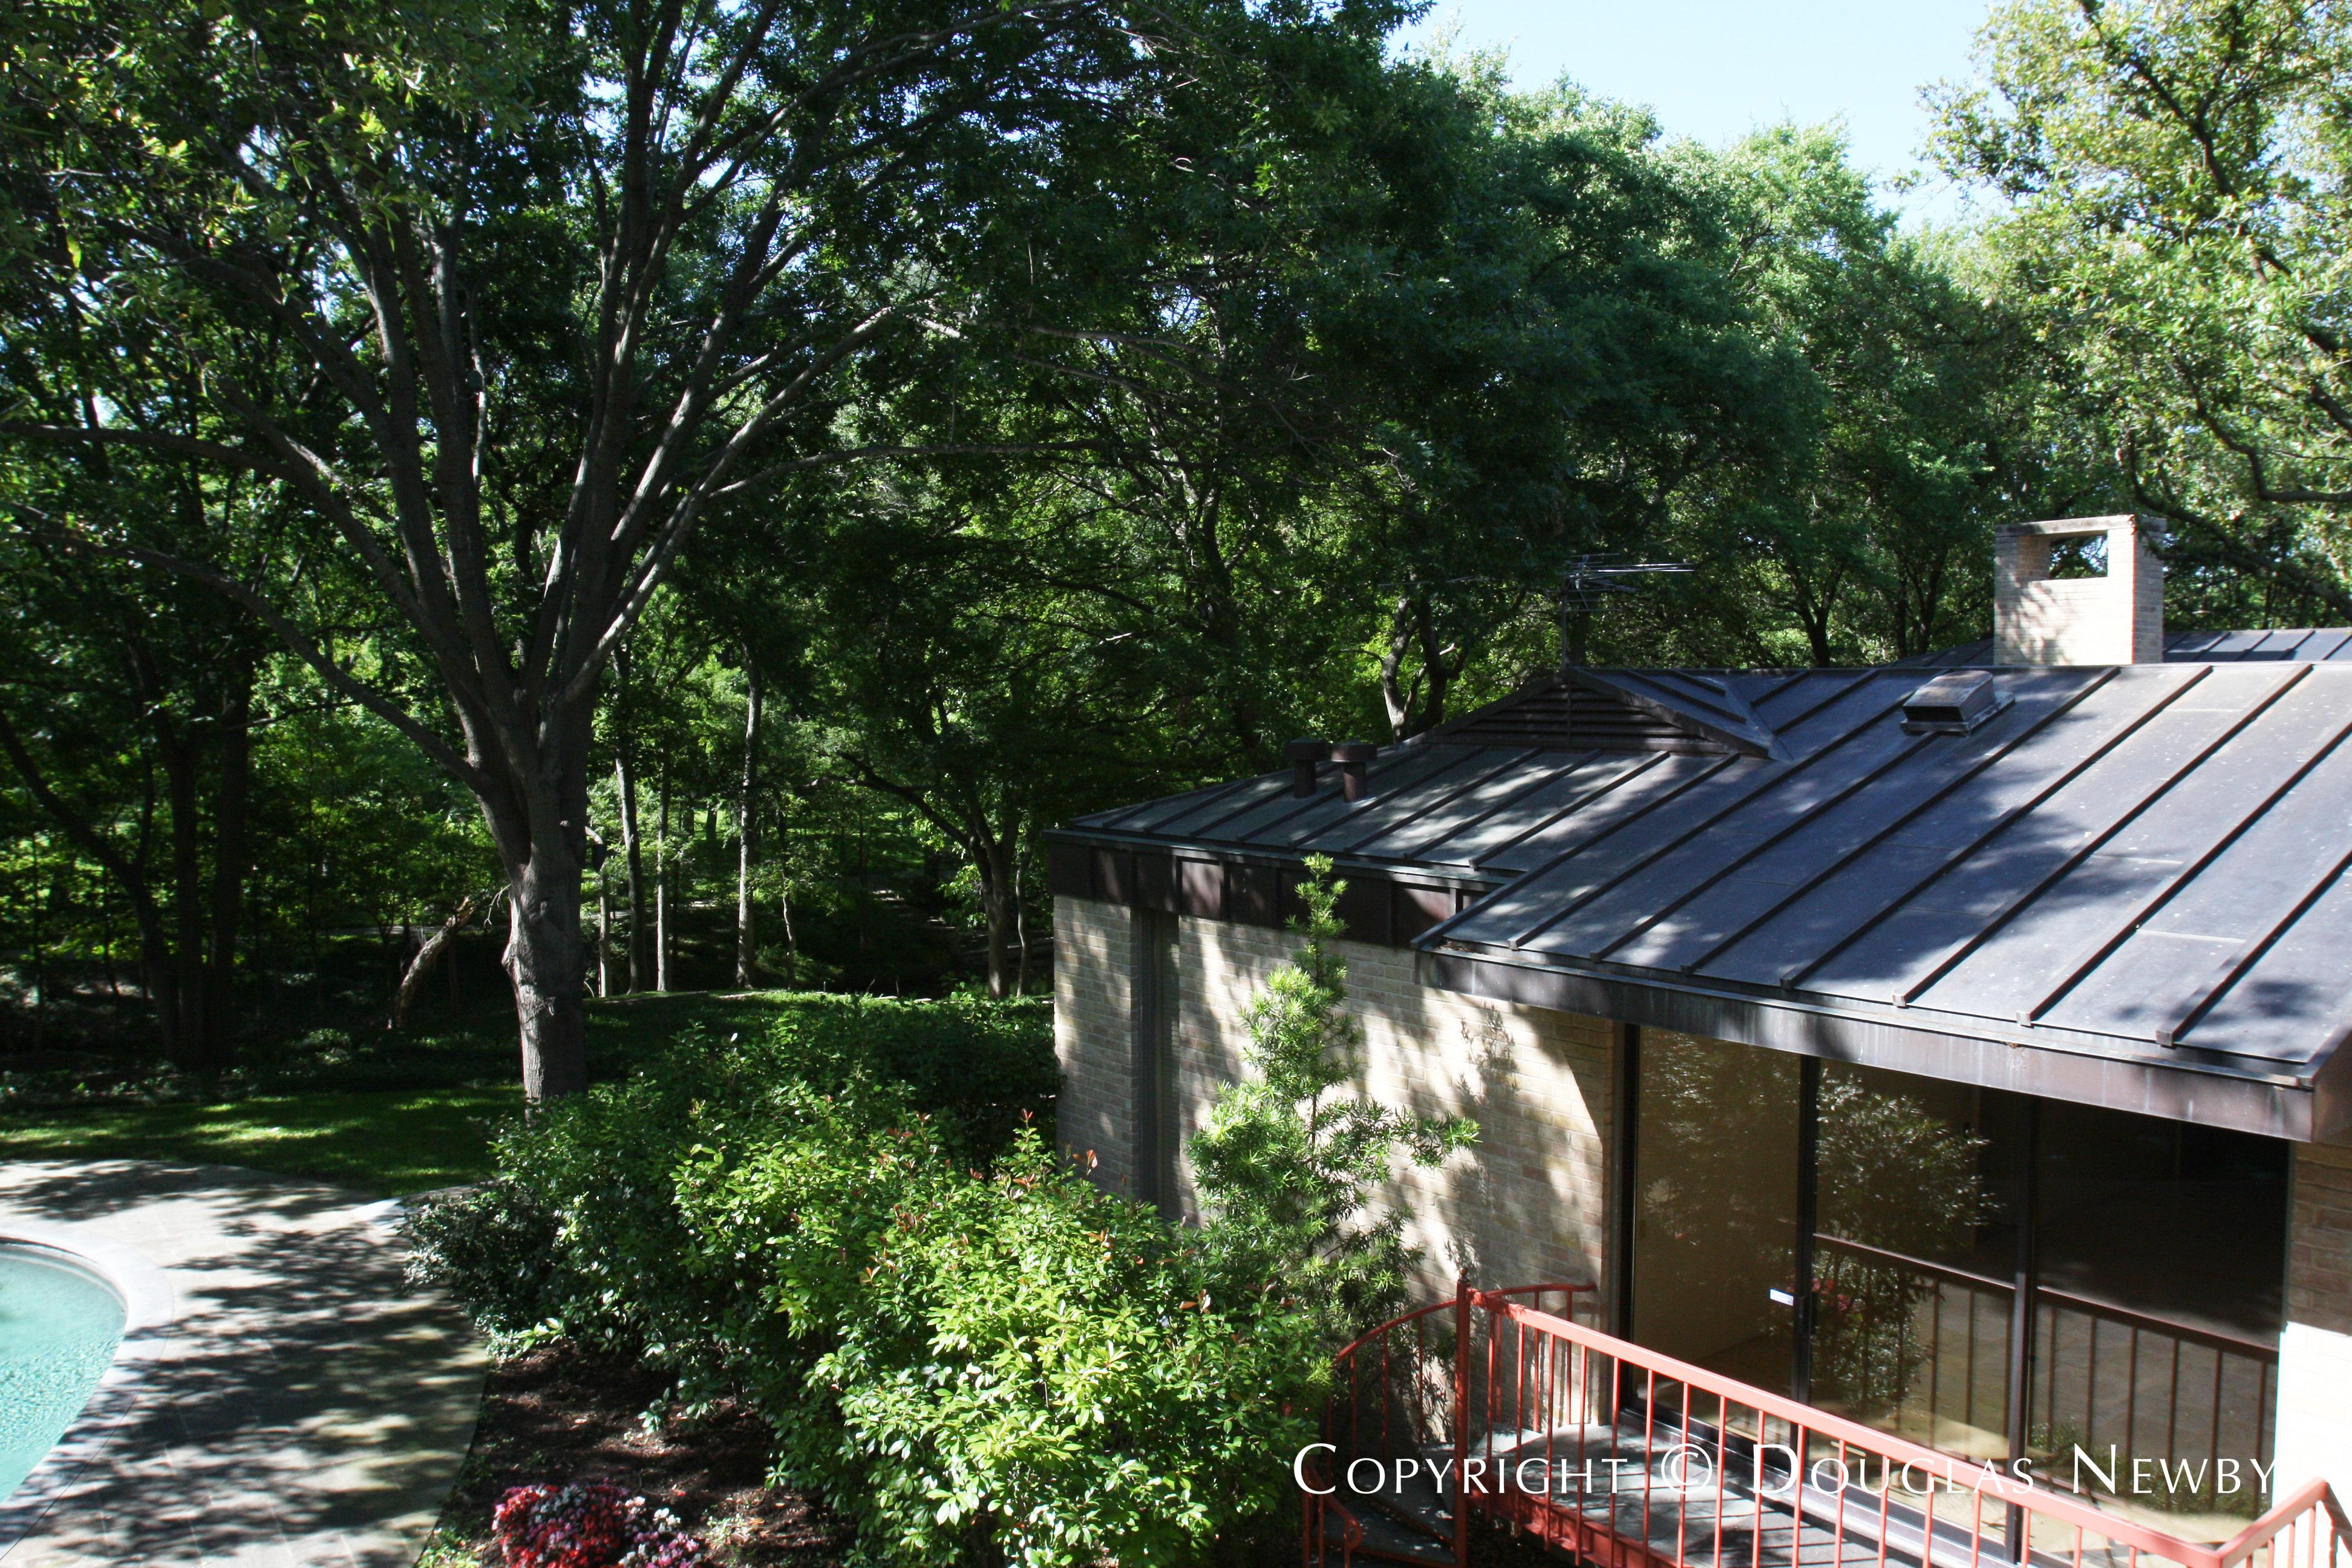 Preston Hollow Real Estate on 2.632 Acres